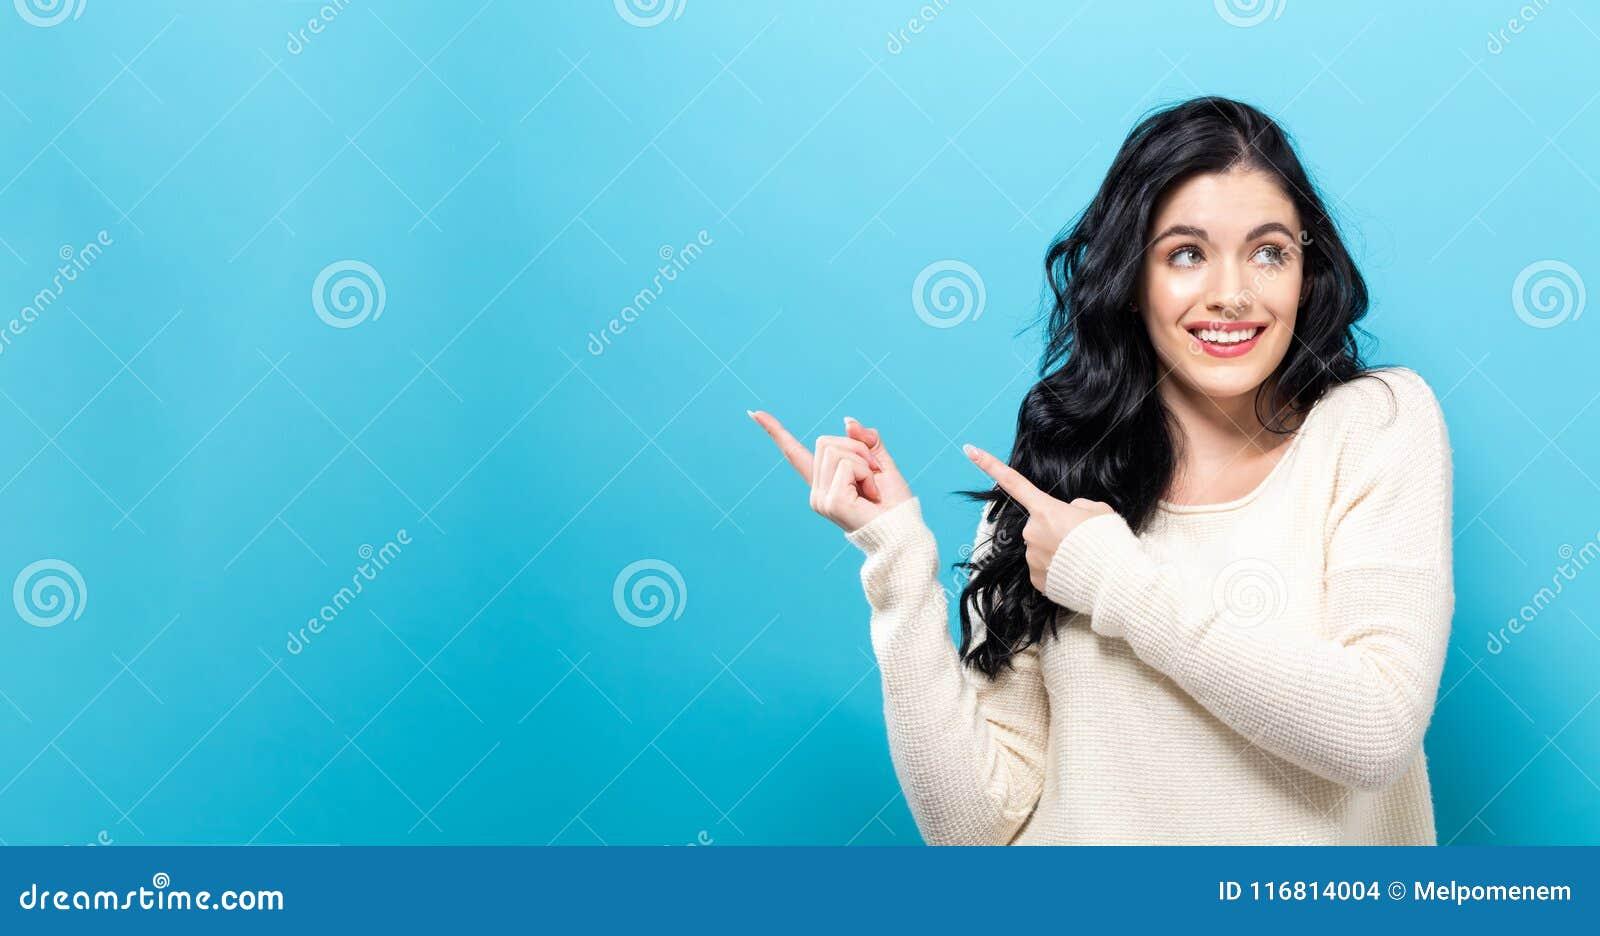 Giovane donna con un gesto di mano di visualizzazione